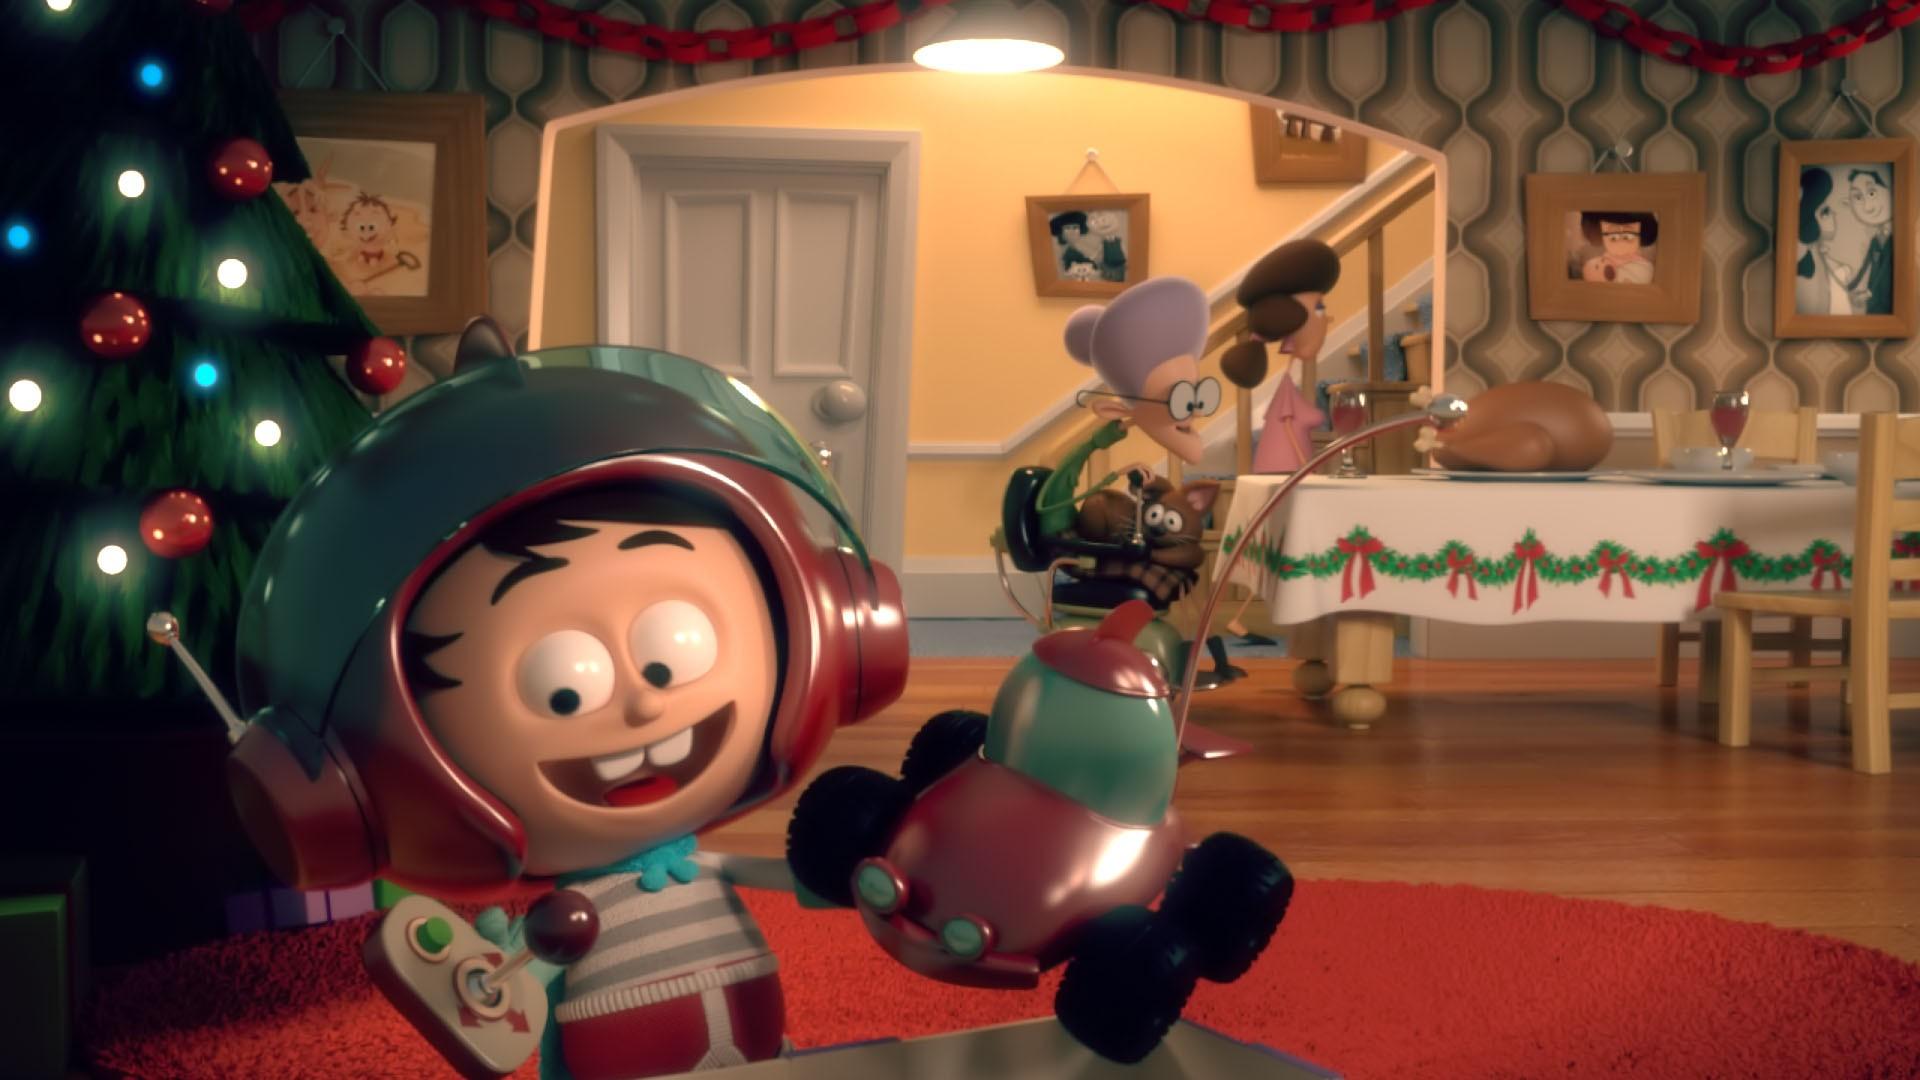 Remoto - É Natal. Um menino ganha da avó um fantástico carro de controle remoto. Mas sua felicidade dura pouco, pois parece não funcionar... ou funciona? (Foto: Divulgação)